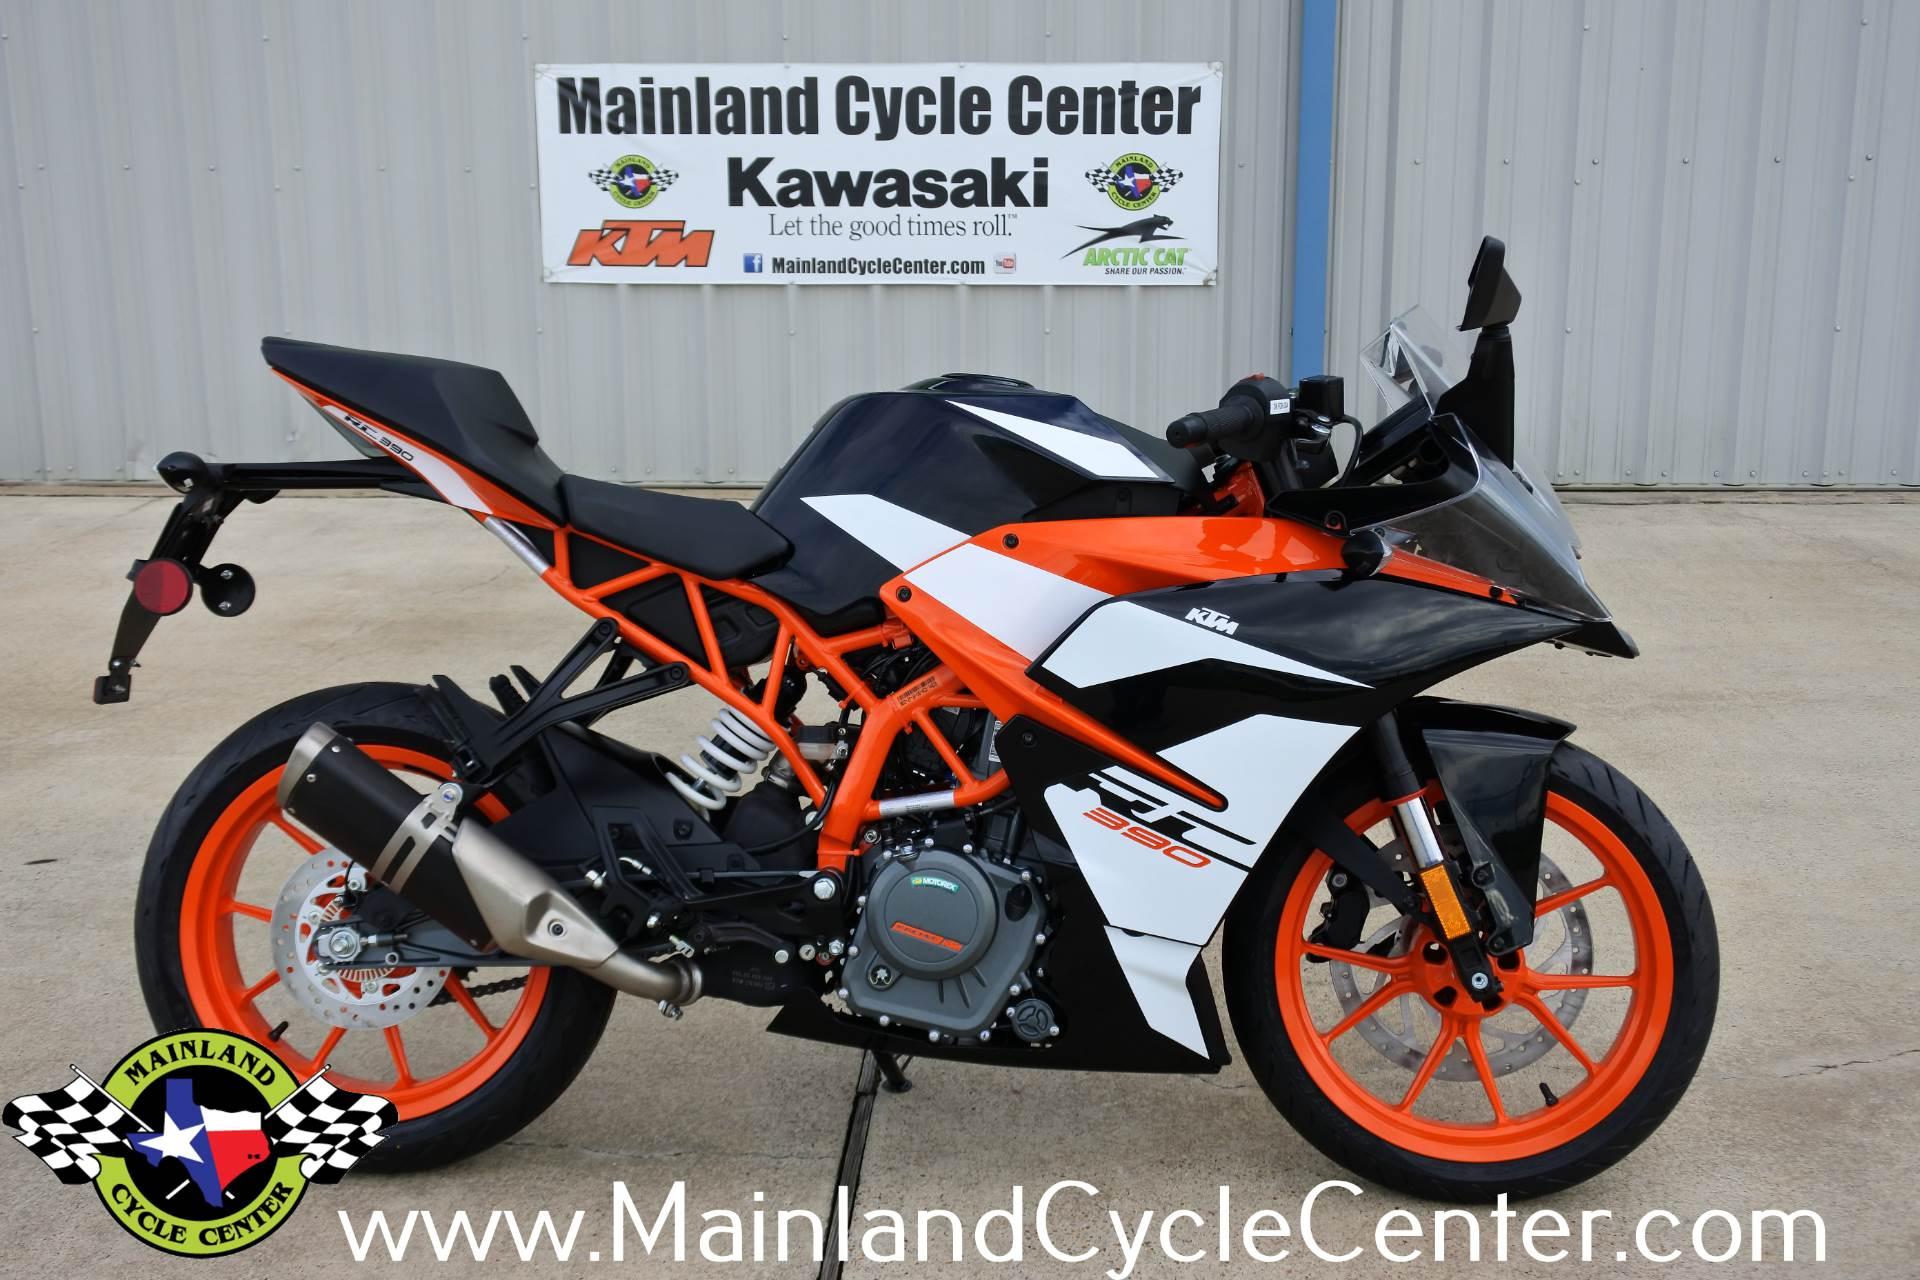 New 2017 KTM RC 390 Orange / Black | Motorcycles in La Marque, TX ...